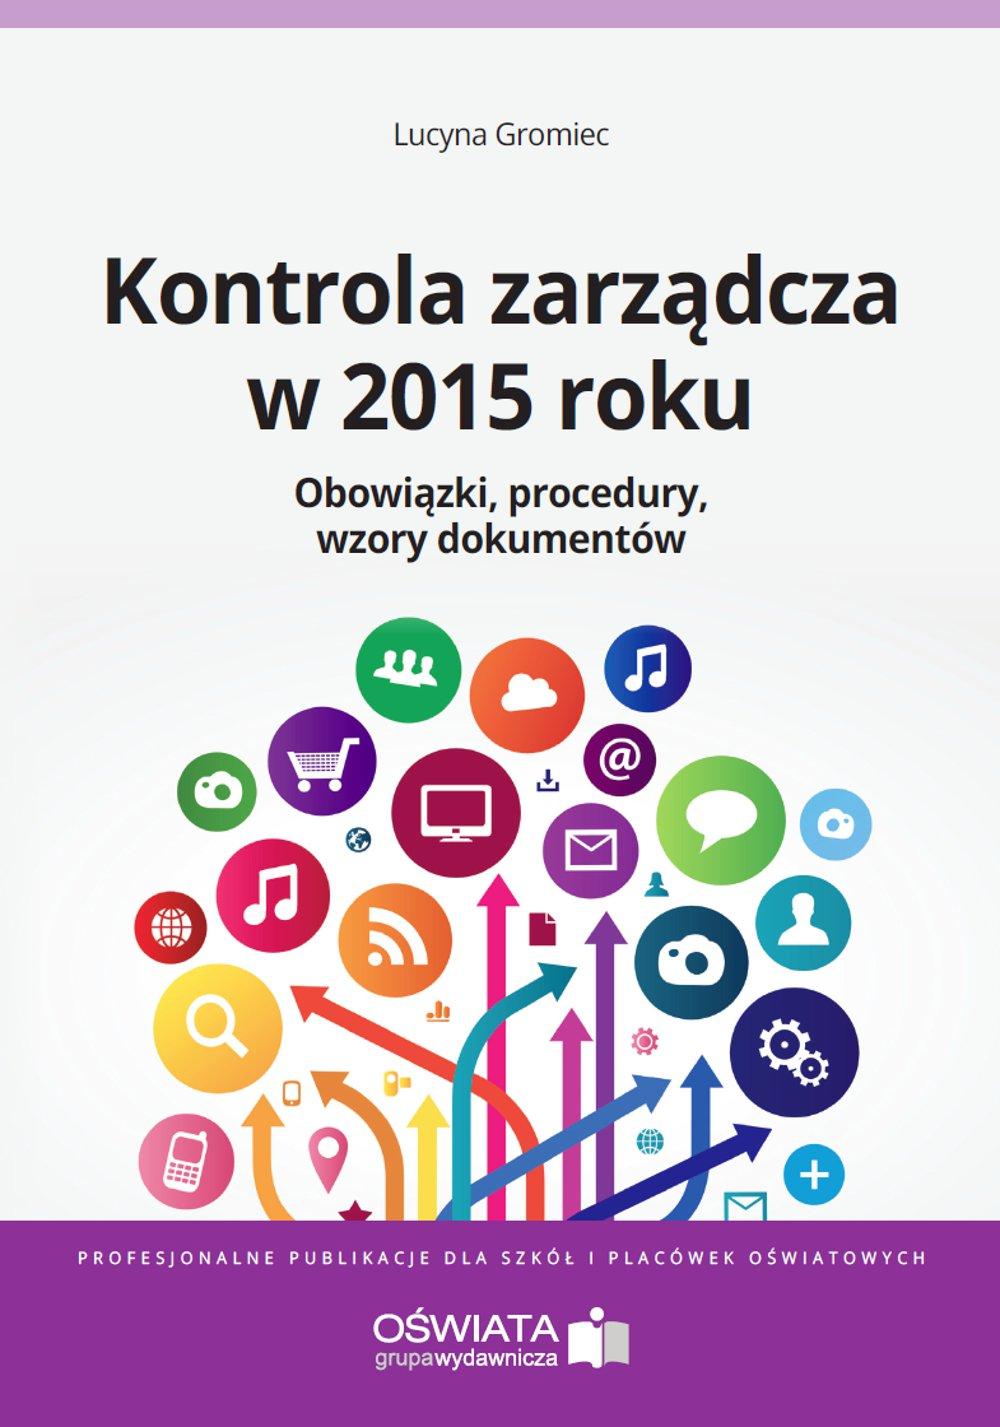 Kontrola zarządcza w 2015 roku.  Obowiązki. Procedury. Wzory dokumentów - Ebook (Książka na Kindle) do pobrania w formacie MOBI